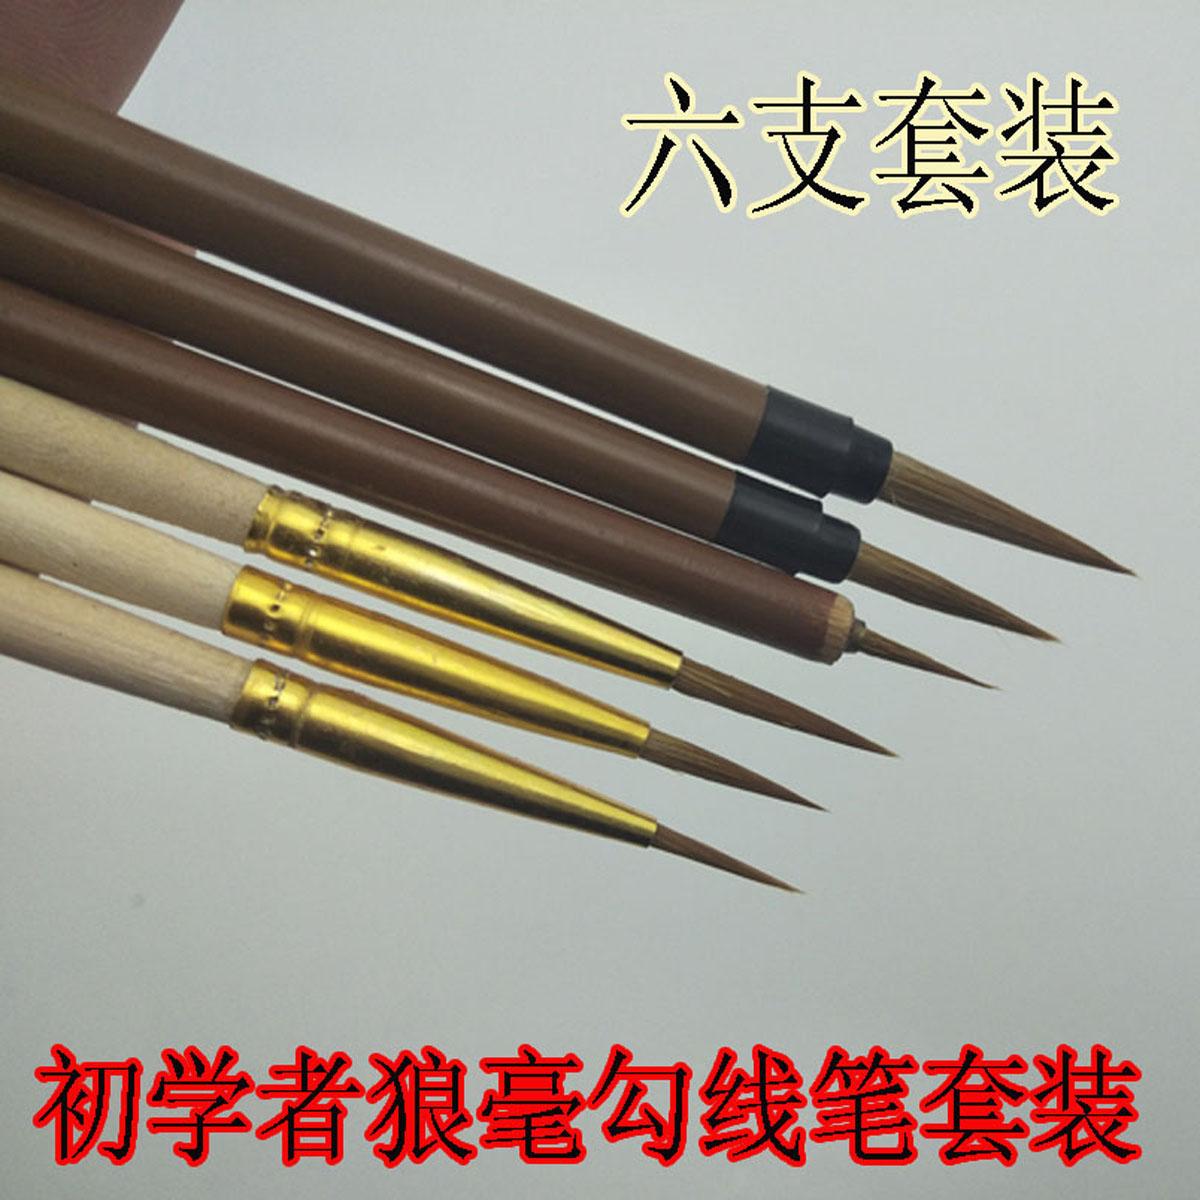 Большой средний маленький волк волосы установите крюк линии ручка работа штрихи кисть традиционная китайская живопись лист мышца кальмар довольно в соответствии с зерна карандаш рисунок карандашом тонкий золото тело